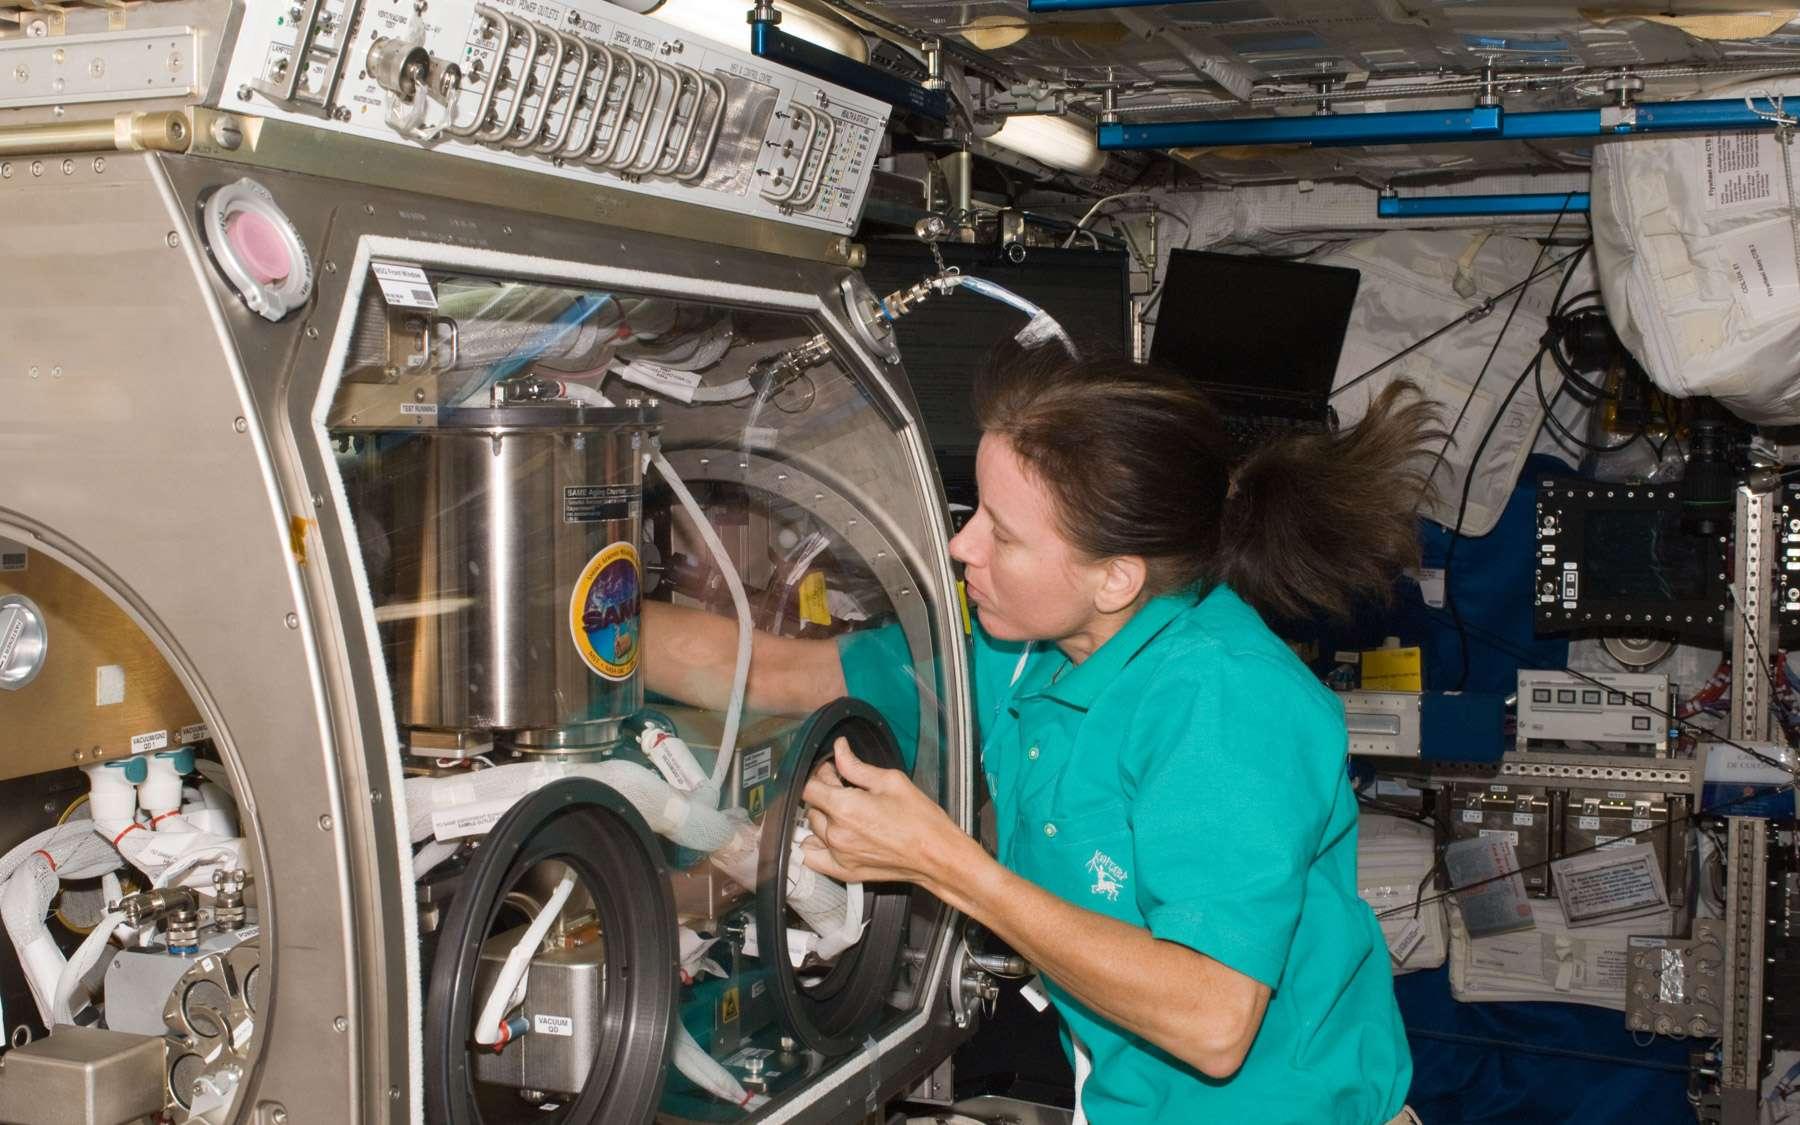 C'est l'astronaute de la Nasa Shannon Walker qui a mis en route NanoRacks. On la voit ici en train de préparer une expérience à l'intérieur de la boîte à gants de l'Esa dans Columbus. Crédit Nasa